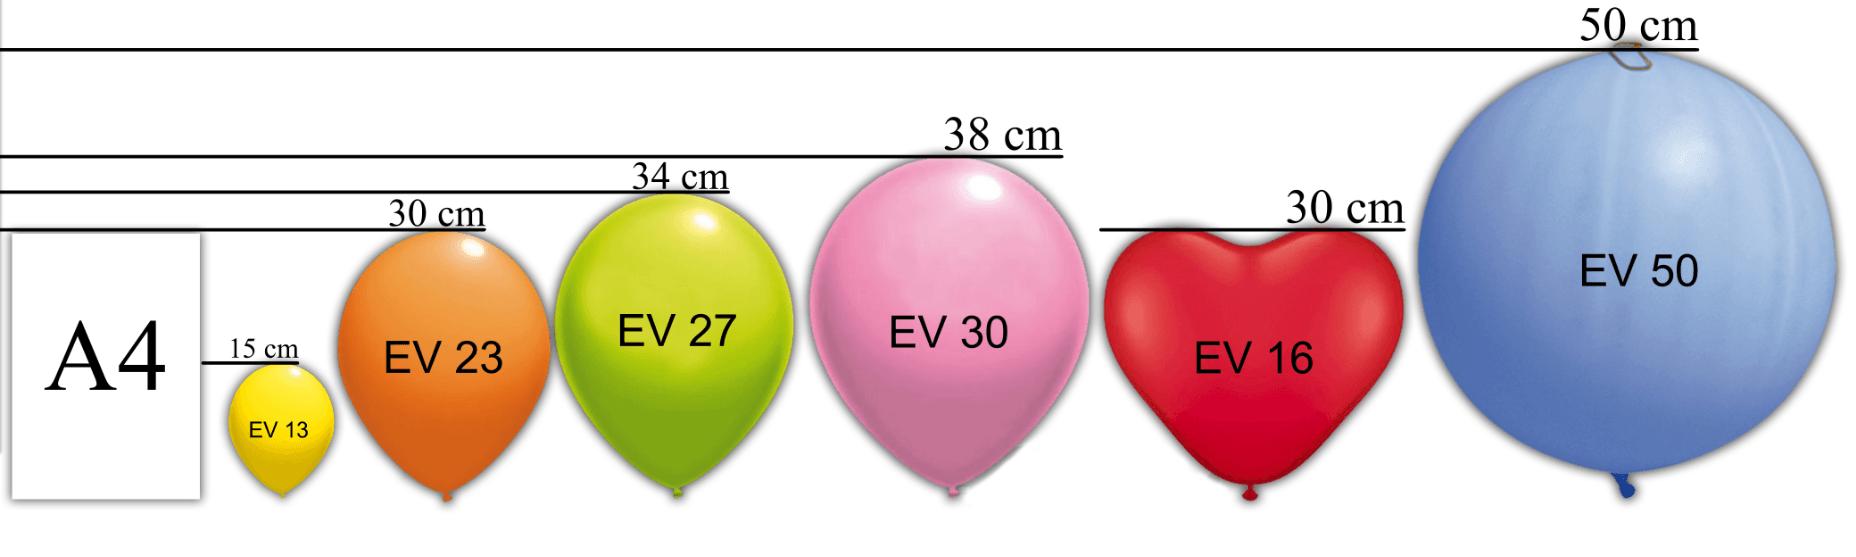 Rozmiar Balony